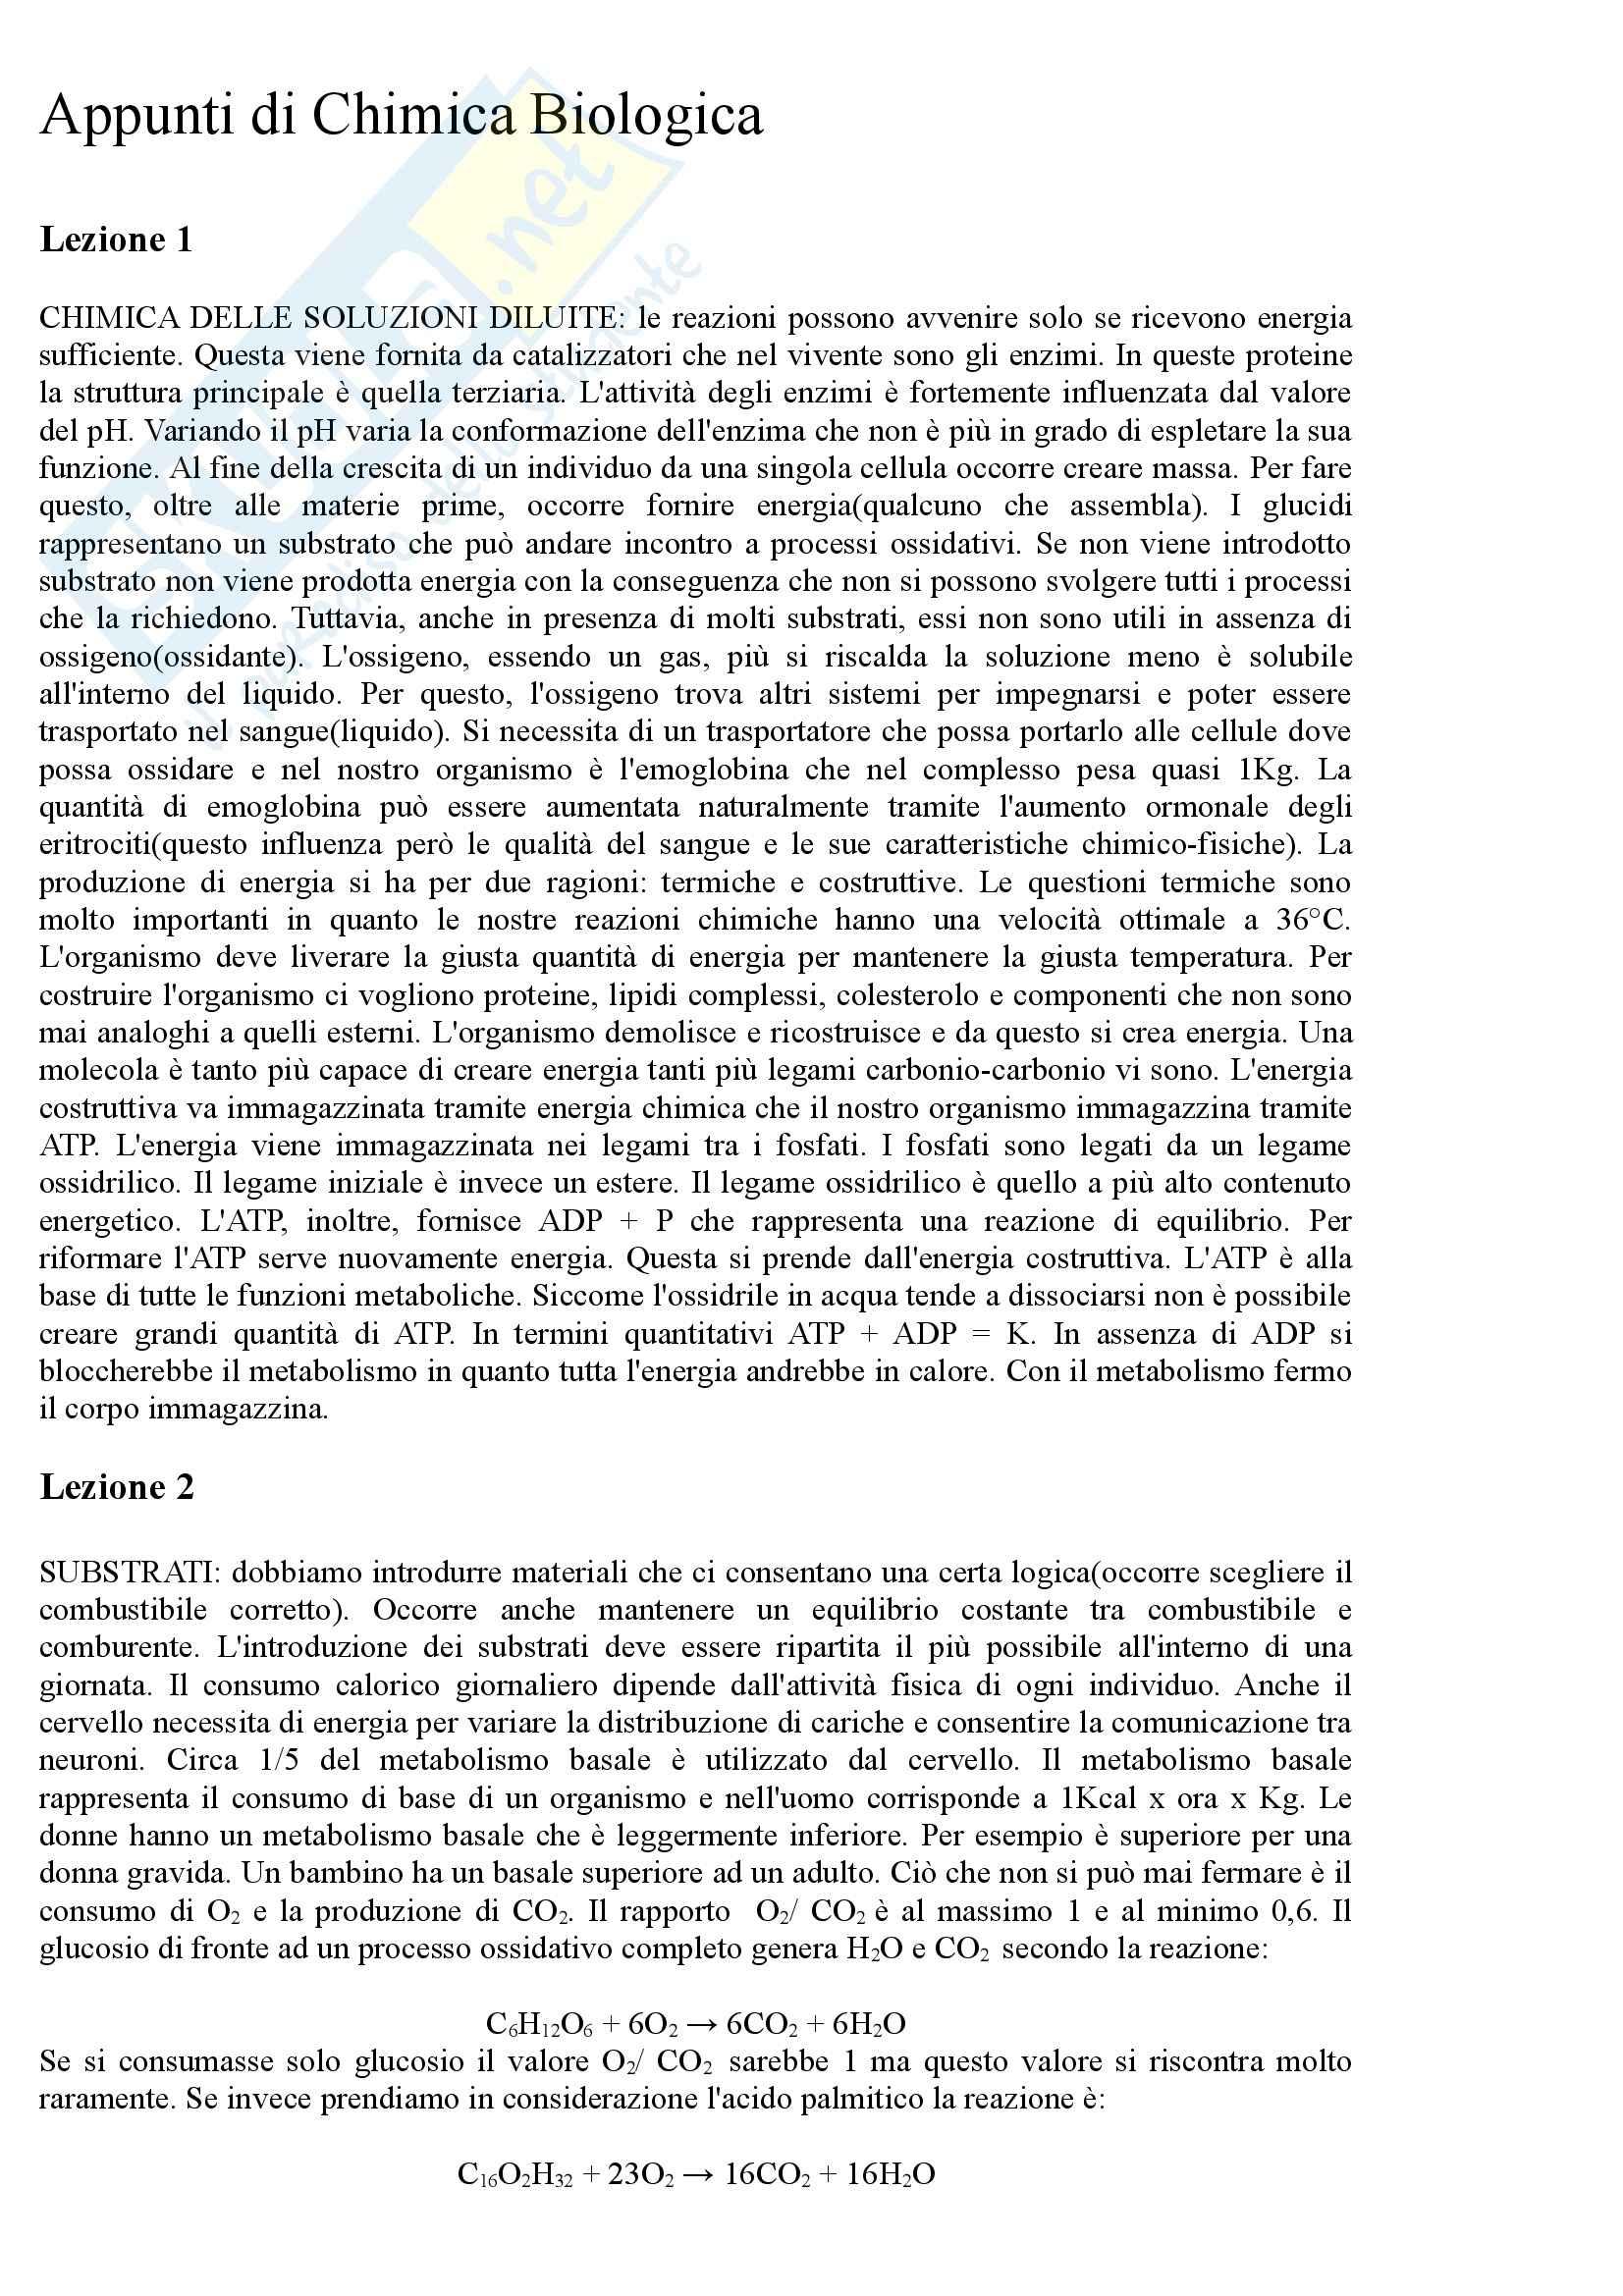 Chimica biologica - Appunti